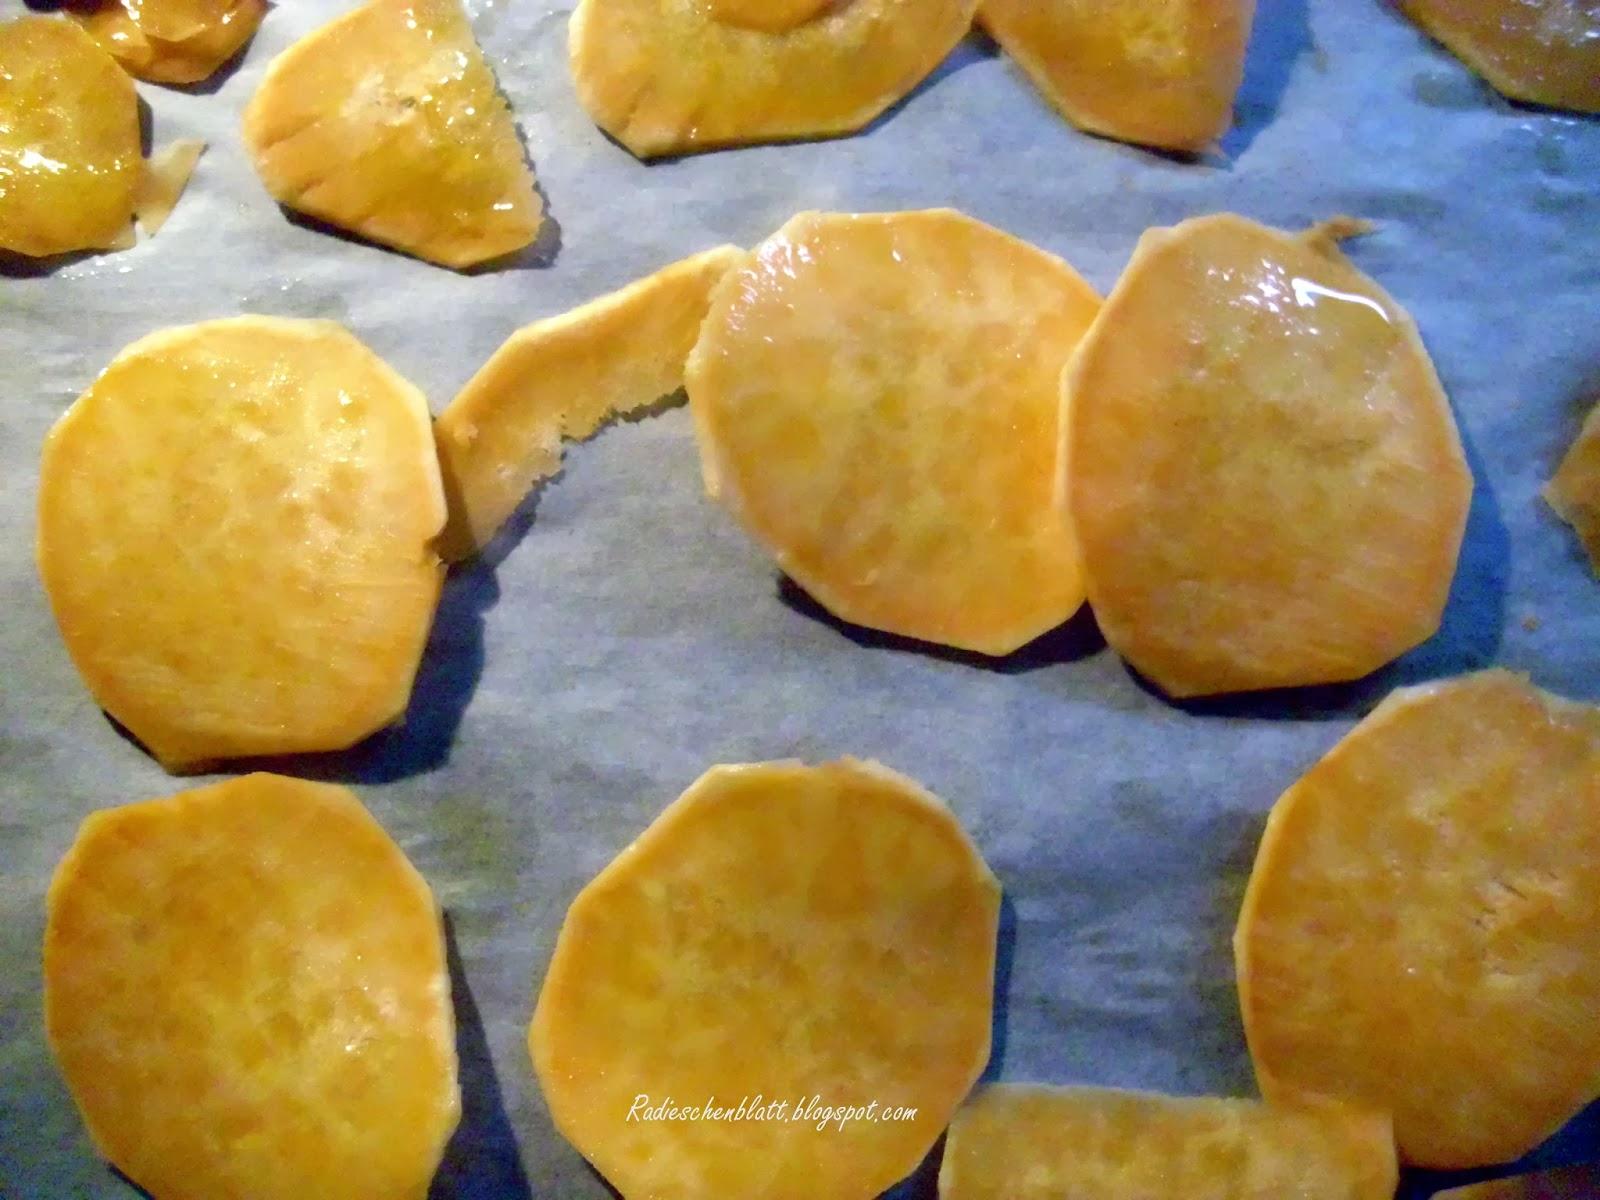 radieschenblatt nervennahrung s kartoffel chips mit garam masala. Black Bedroom Furniture Sets. Home Design Ideas